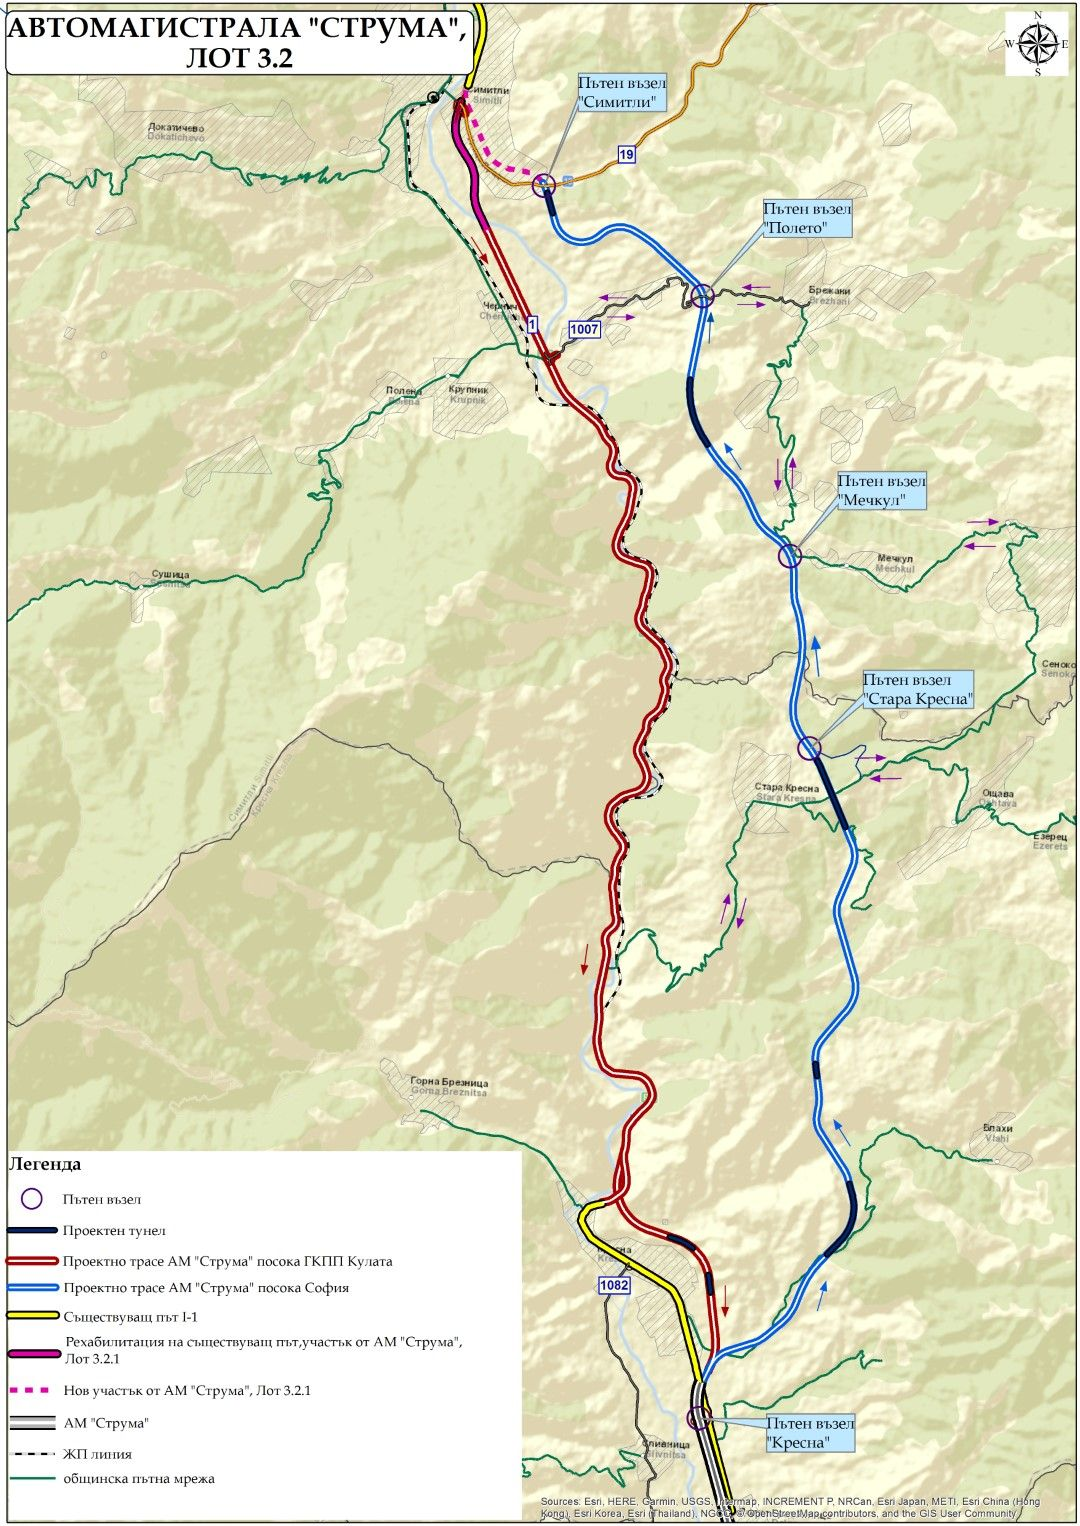 """Магистрала """"Струма"""", лот 3.2 - трасето Кулата - София, източно от Кресненското дефиле, е в синьо. Пътят в другата посока е в червено"""